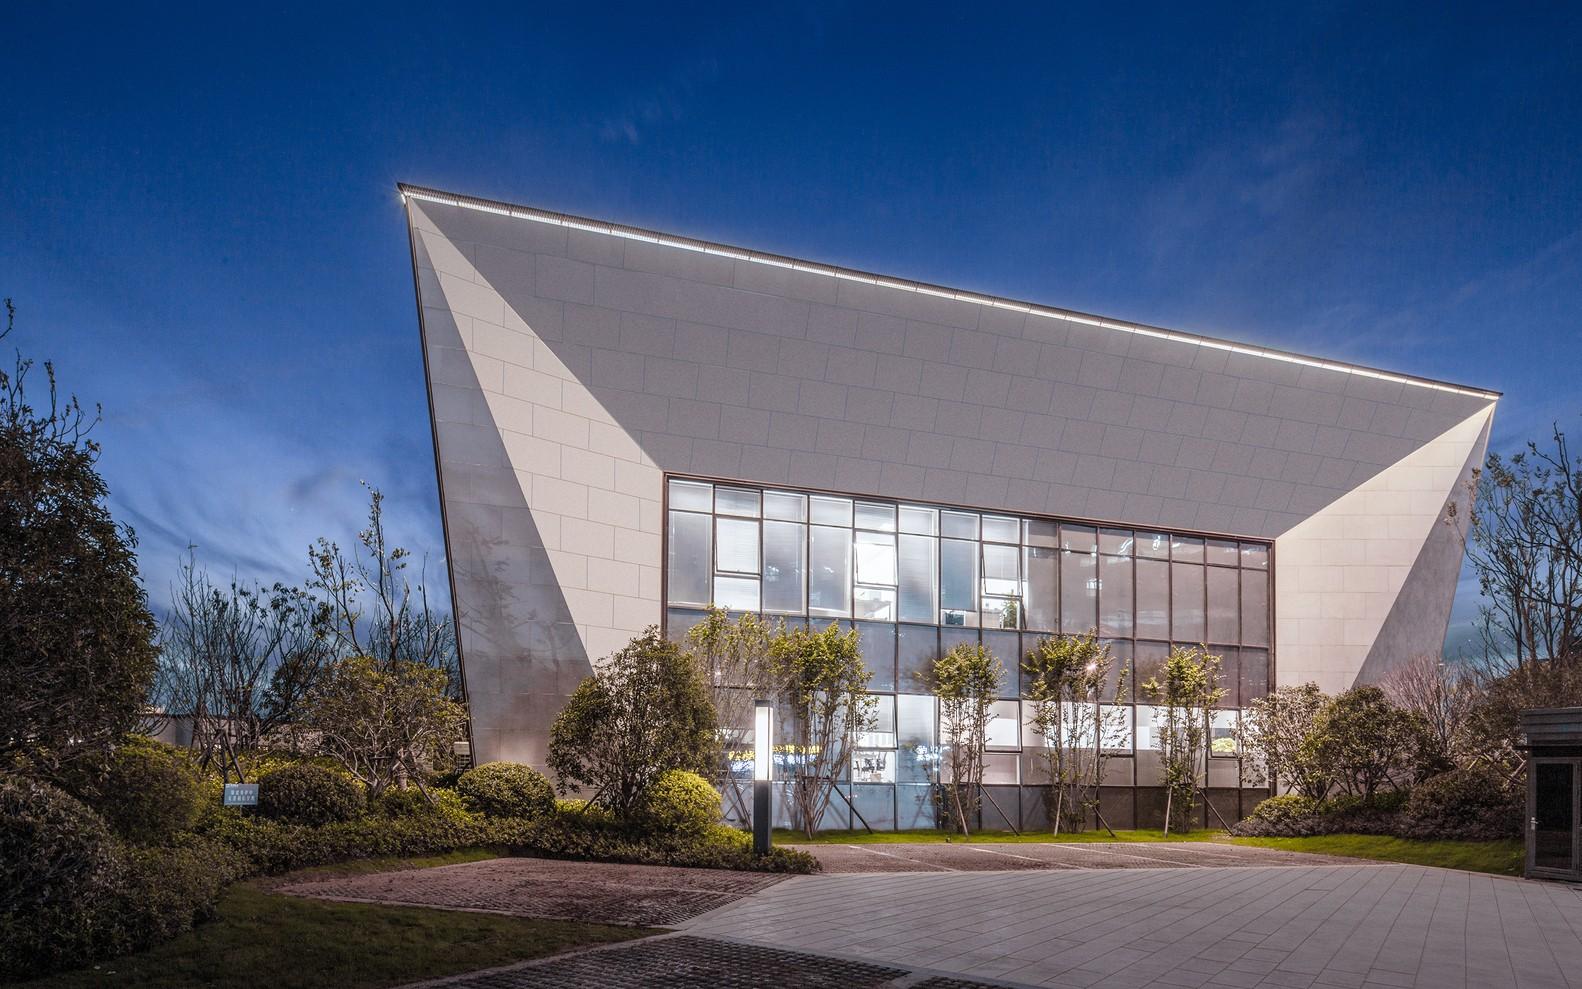 武汉朗廷元著生活方式体验馆建筑设计 成执建筑字体的企业设计图片